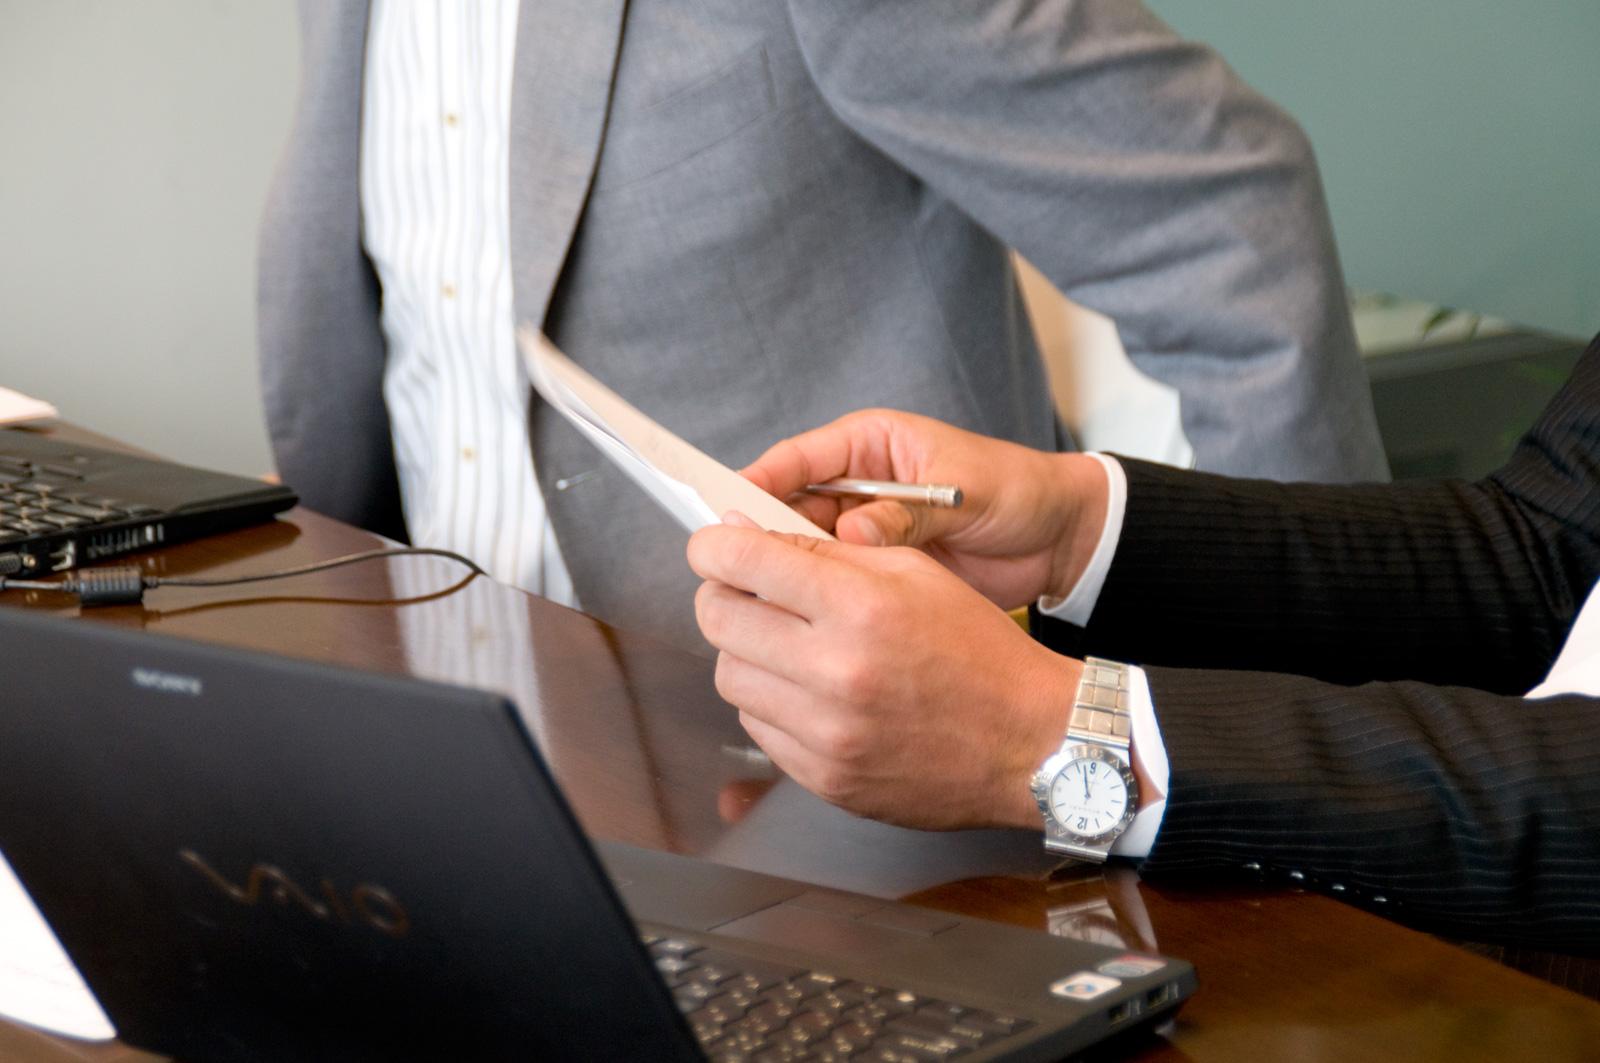 転職活動で技術者の書類選考通過率を上げる基本的な方法